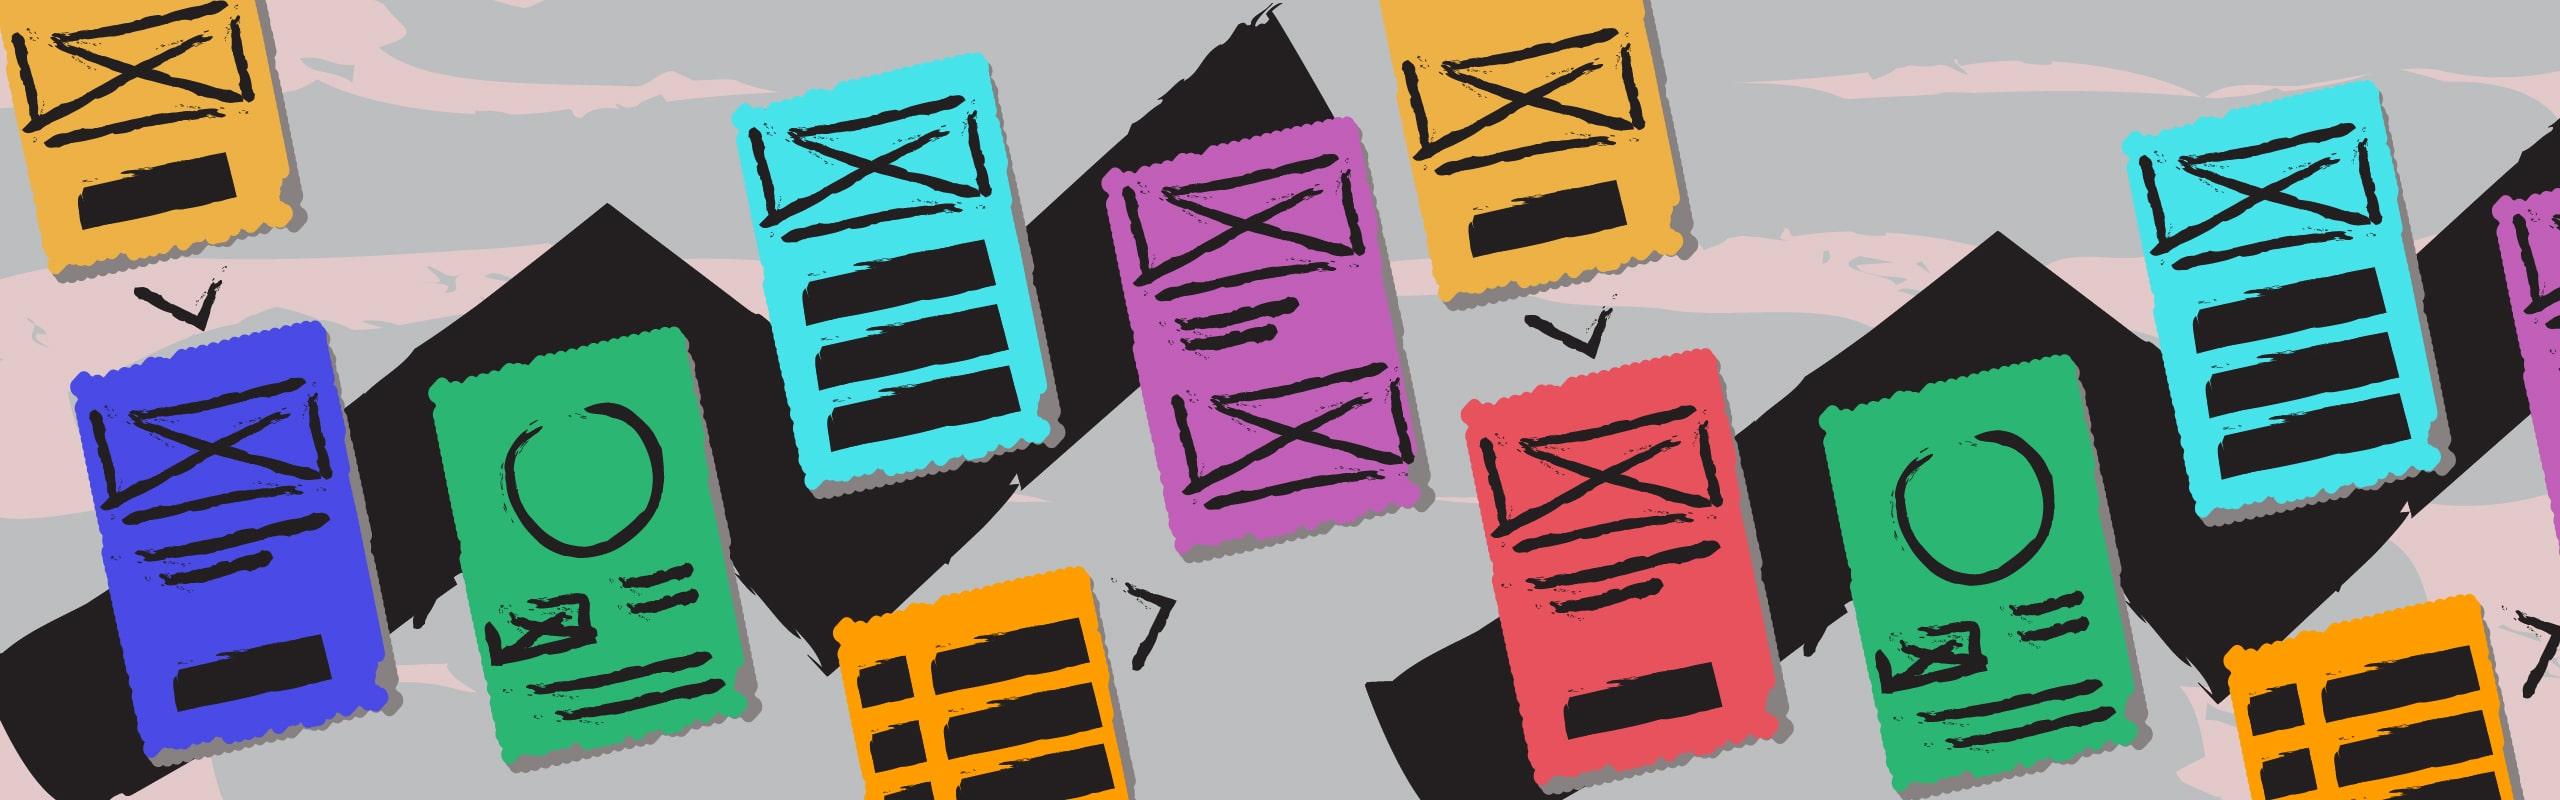 كيف تكتب محتوى موقعك بناء على تجربة المستخدم؟